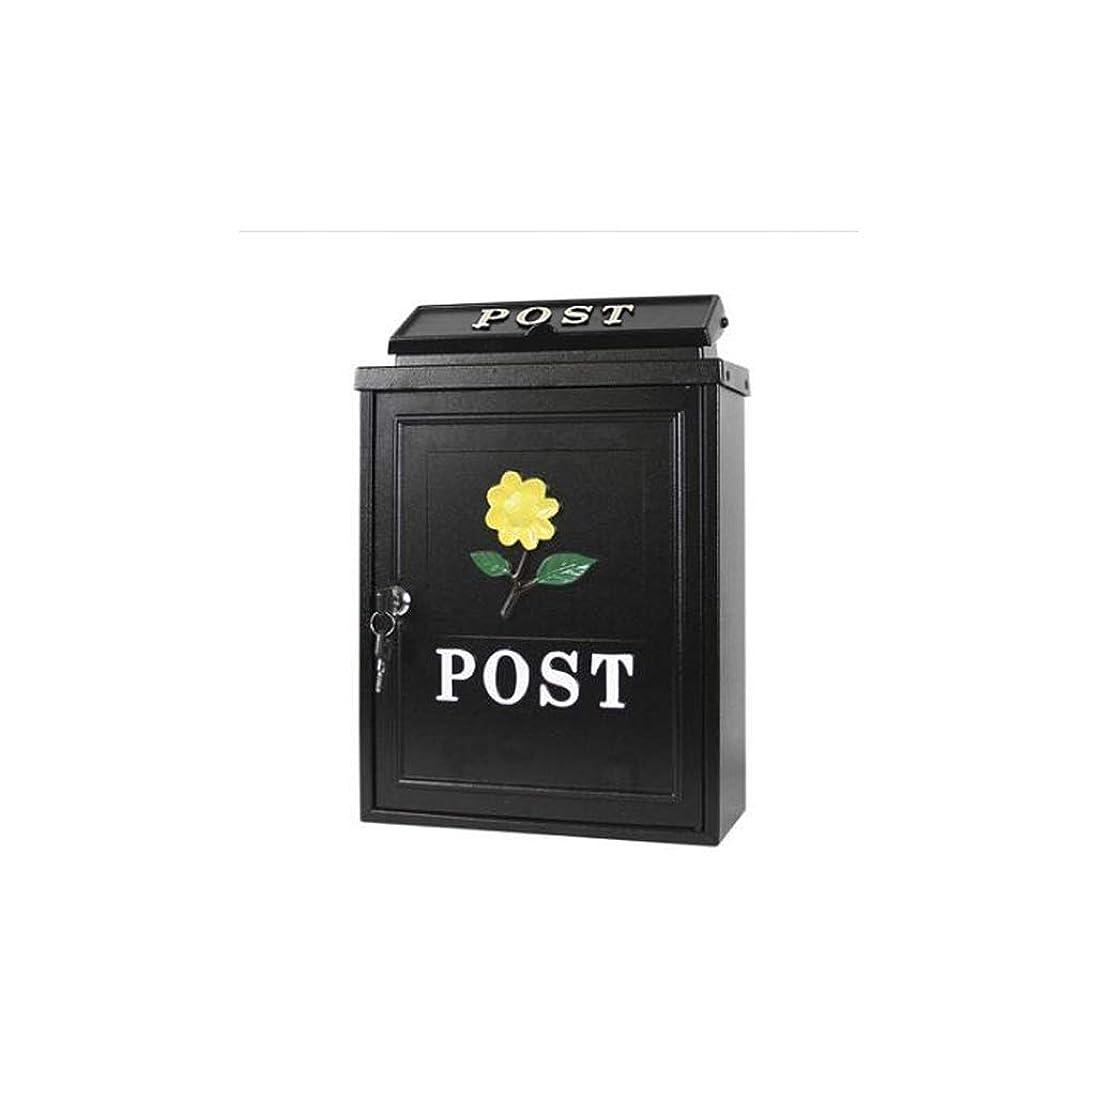 アドバンテージ増加する衣装ヨーロッパスタイルのメールボックス屋外雨水別荘壁掛けメールボックス牧歌クリエイティブメールボックス、ひまわりパターン 屋外セキュリティメールボックス